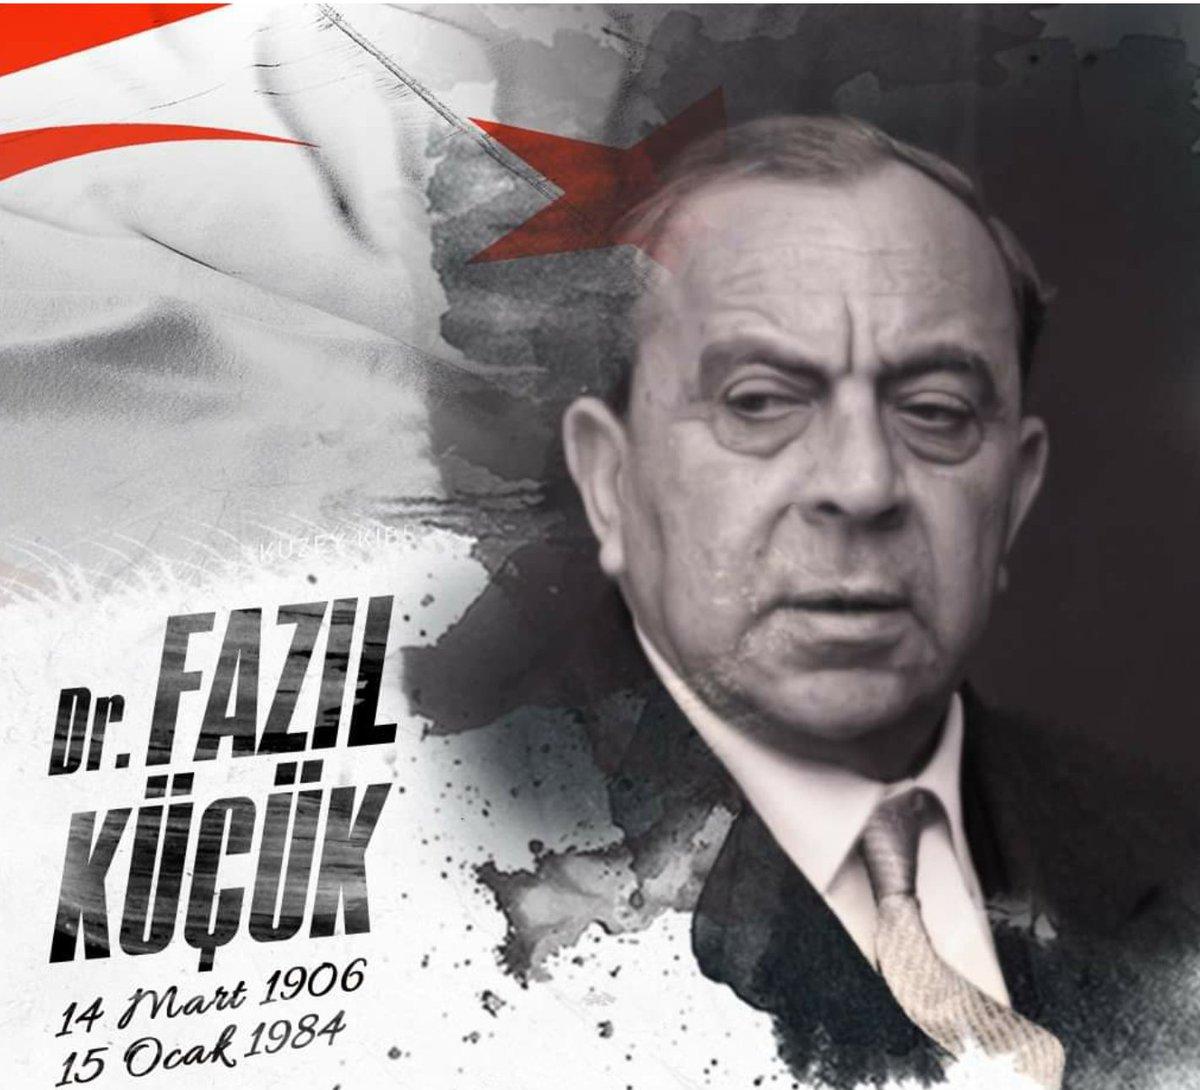 Ocak ayı Kıbrıs Türklüğü için âdeta bir yas ayıdır.Aynı zamanda bağımsızlık meşalesinin ateşini hiç söndürmeyen bir ocak. Rauf Denktaş gibi, Kıbrıs Türklüğünün büyük lideri Dr. #FazılKüçük'ü de sonsuzluğa yürüyüşünün yıl dönümünde saygı, sevgi ve özlemle anıyoruz. Ruhu şad olsun. https://t.co/jes4tTOgel